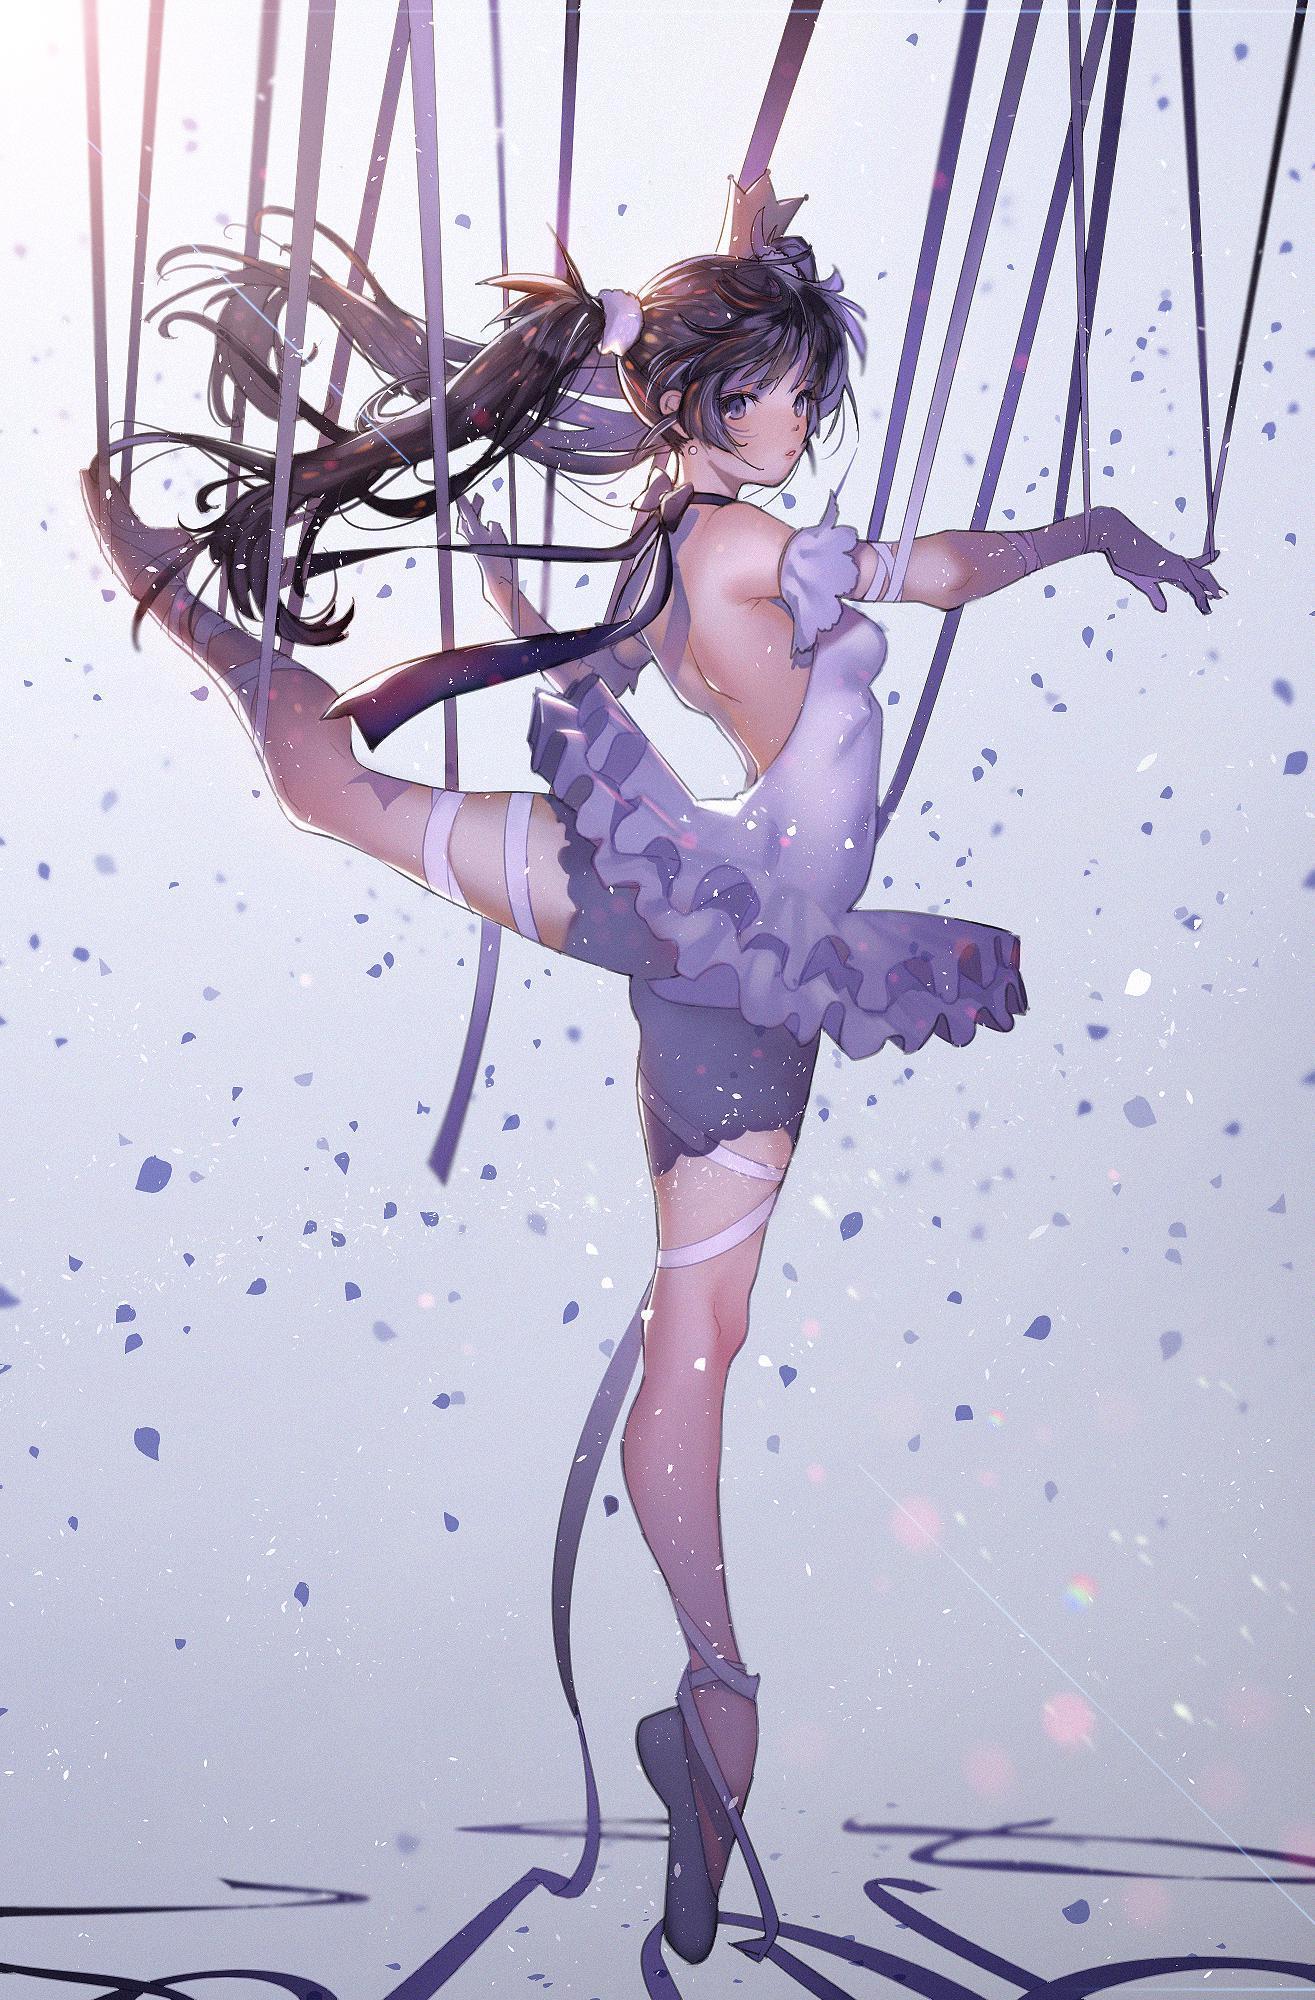 P站画师作品ballerina